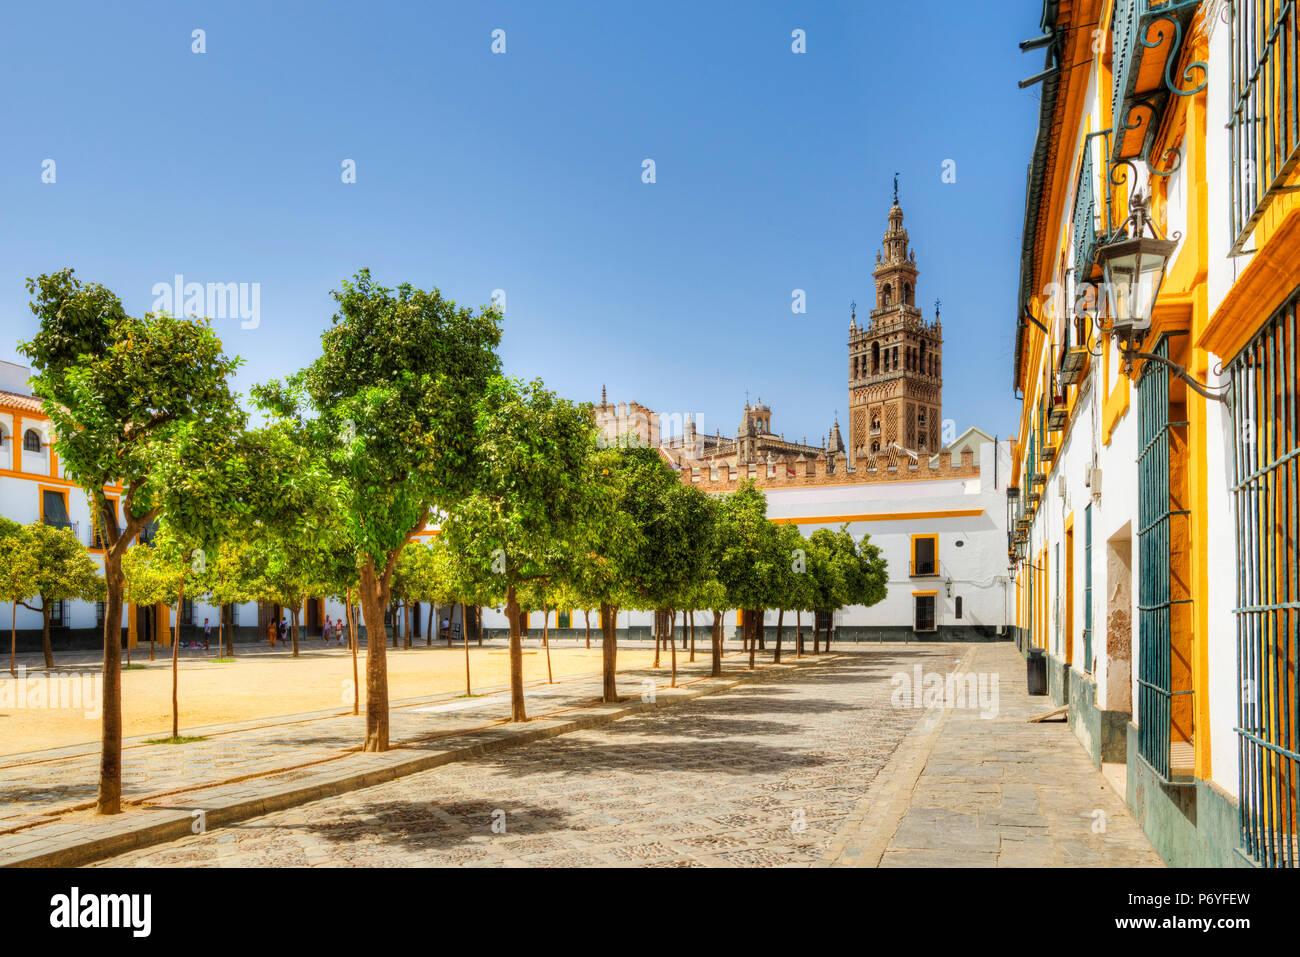 Tribunal de Banderas, con la torre de la Giralda, de la Catedral, Patrimonio Mundial de la UNESCO, Sevilla, Andalucía, España Imagen De Stock